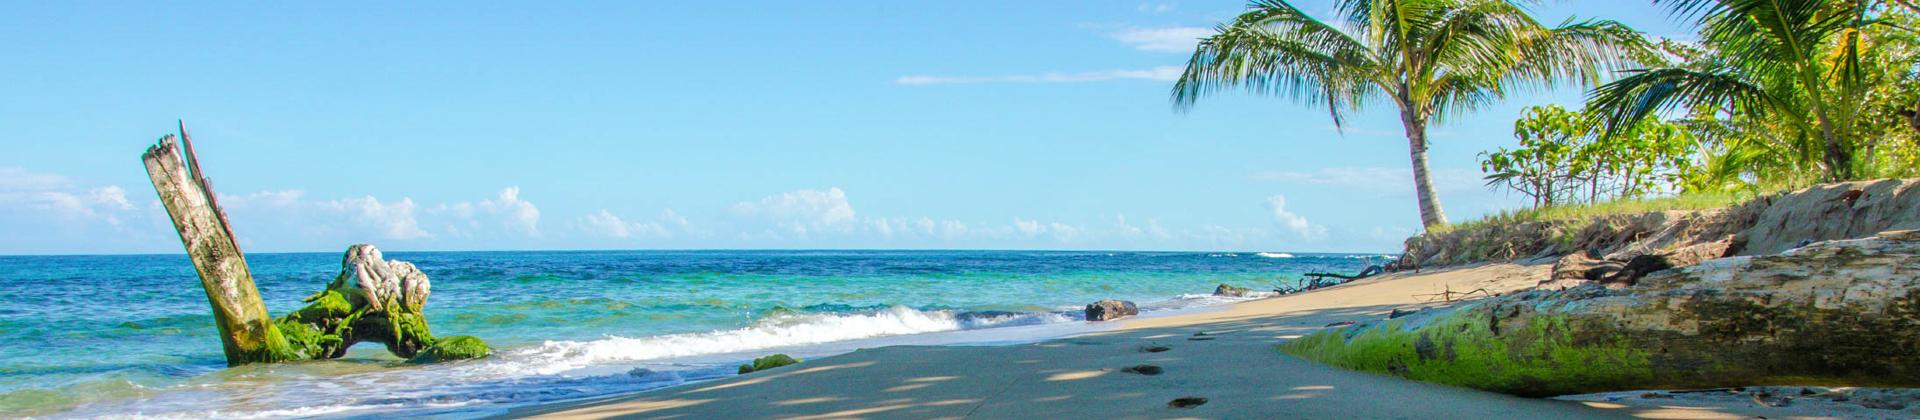 De kust van Costa Rica